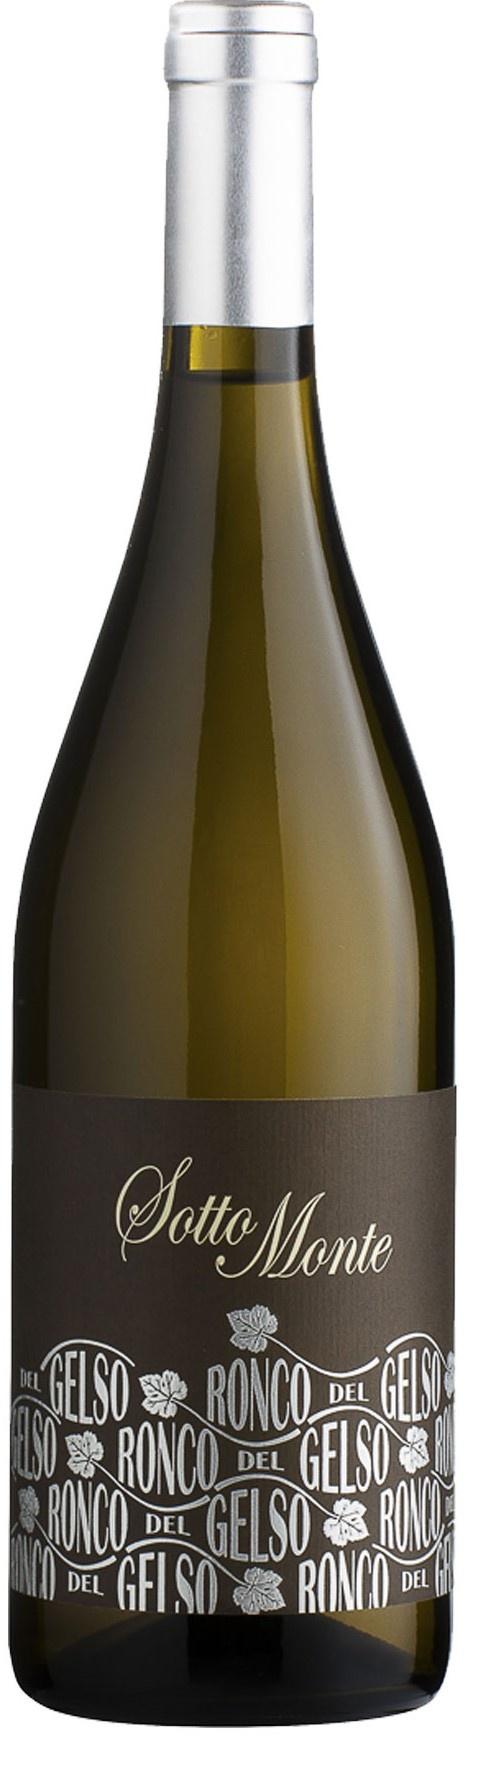 Ronco del Gelso Sauvignon Blanc, Sotto Monte 2018-1